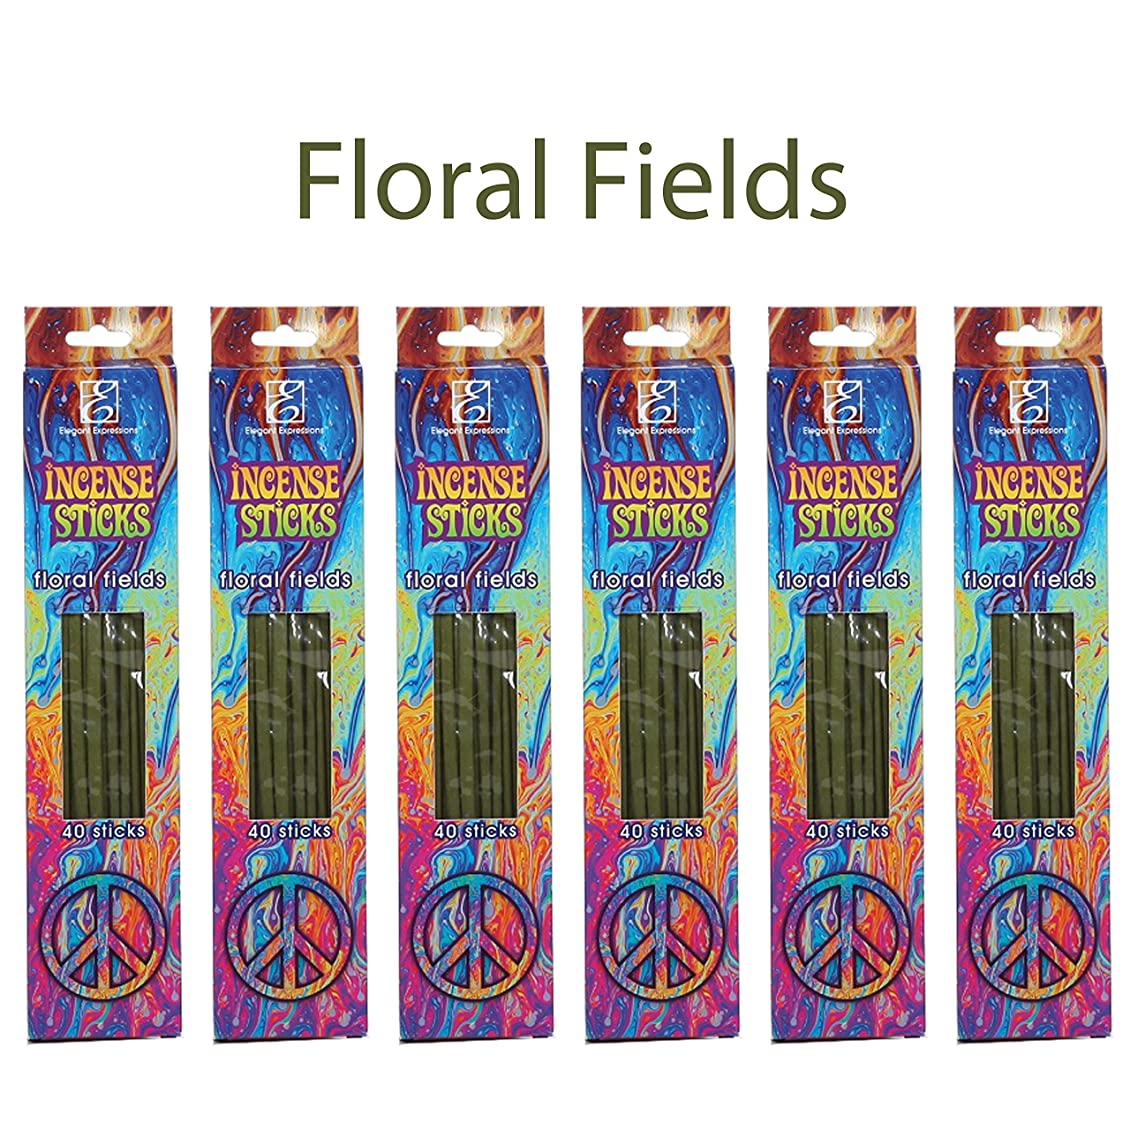 タバコライター誇りに思うHosleyのフローラルの香りつきIncense Sticks 240パック。手Fragranced、Infused with Essential Oils。理想的なギフト、ウェディング、特別なイベント、アロマセラピー、Spa、レイキ、瞑想、浴室設定p9